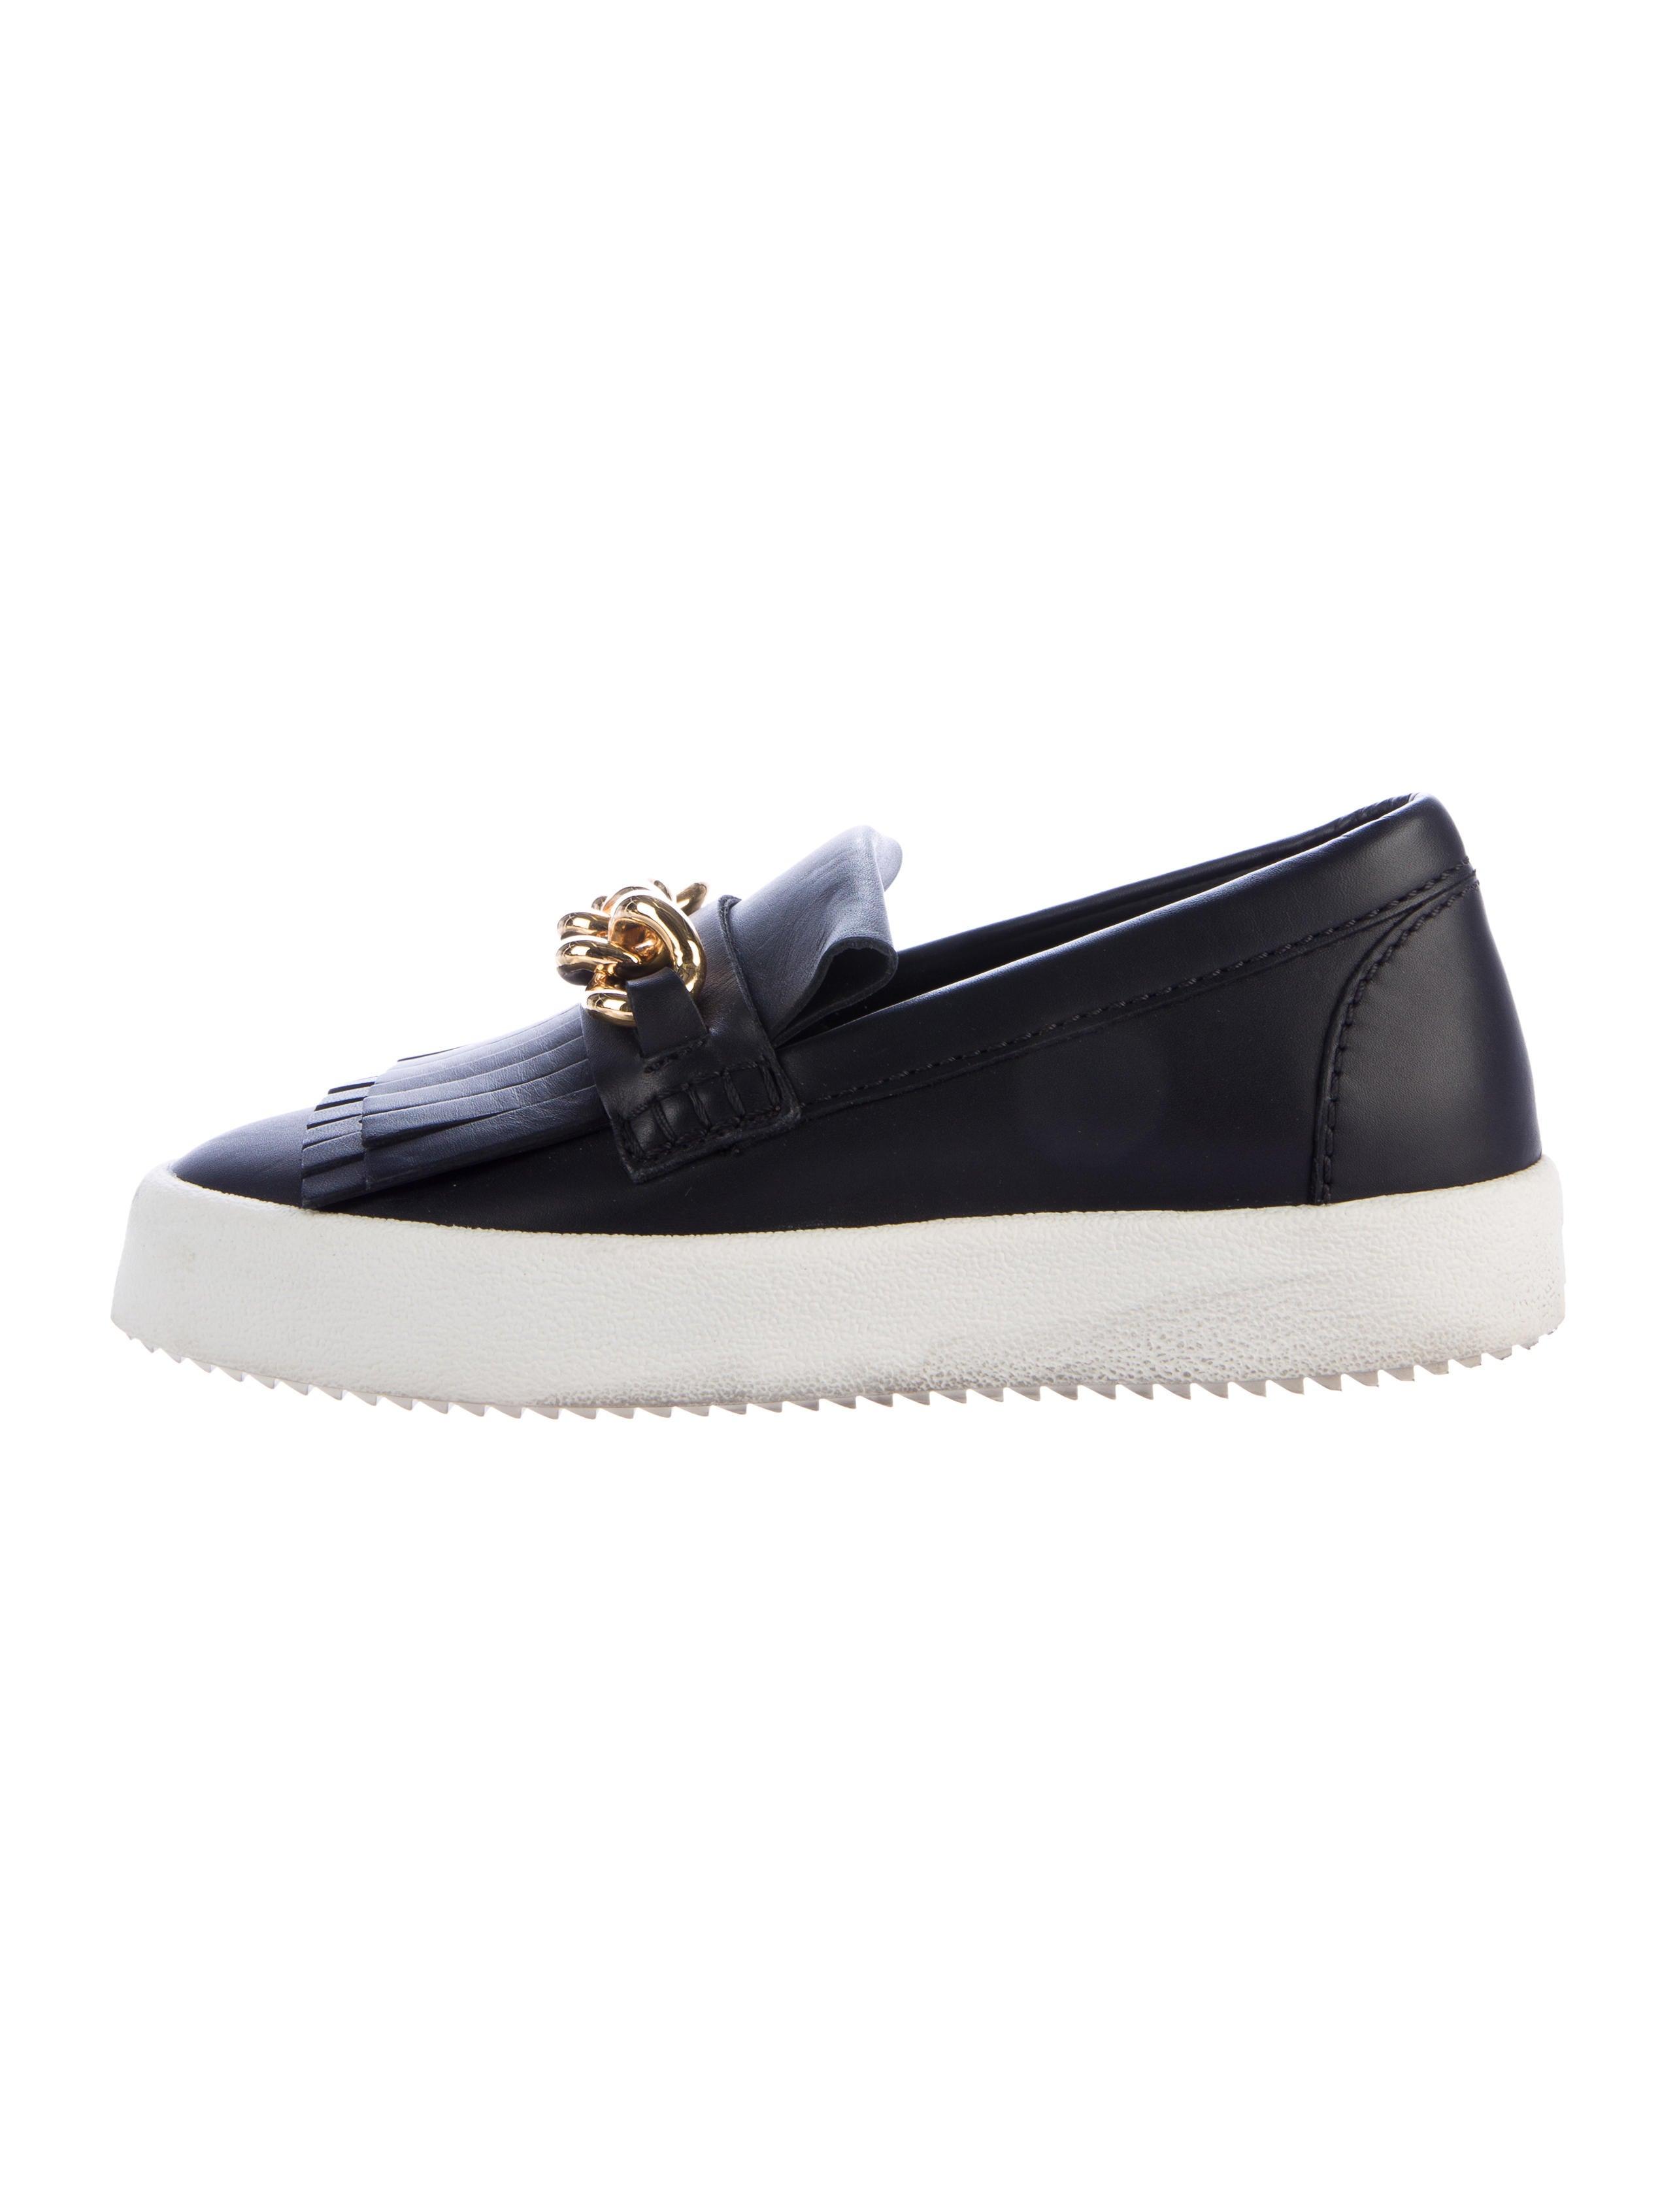 Giuseppe Zanotti Kiltie Slip-On Sneakers free shipping best place EW32hDSzR